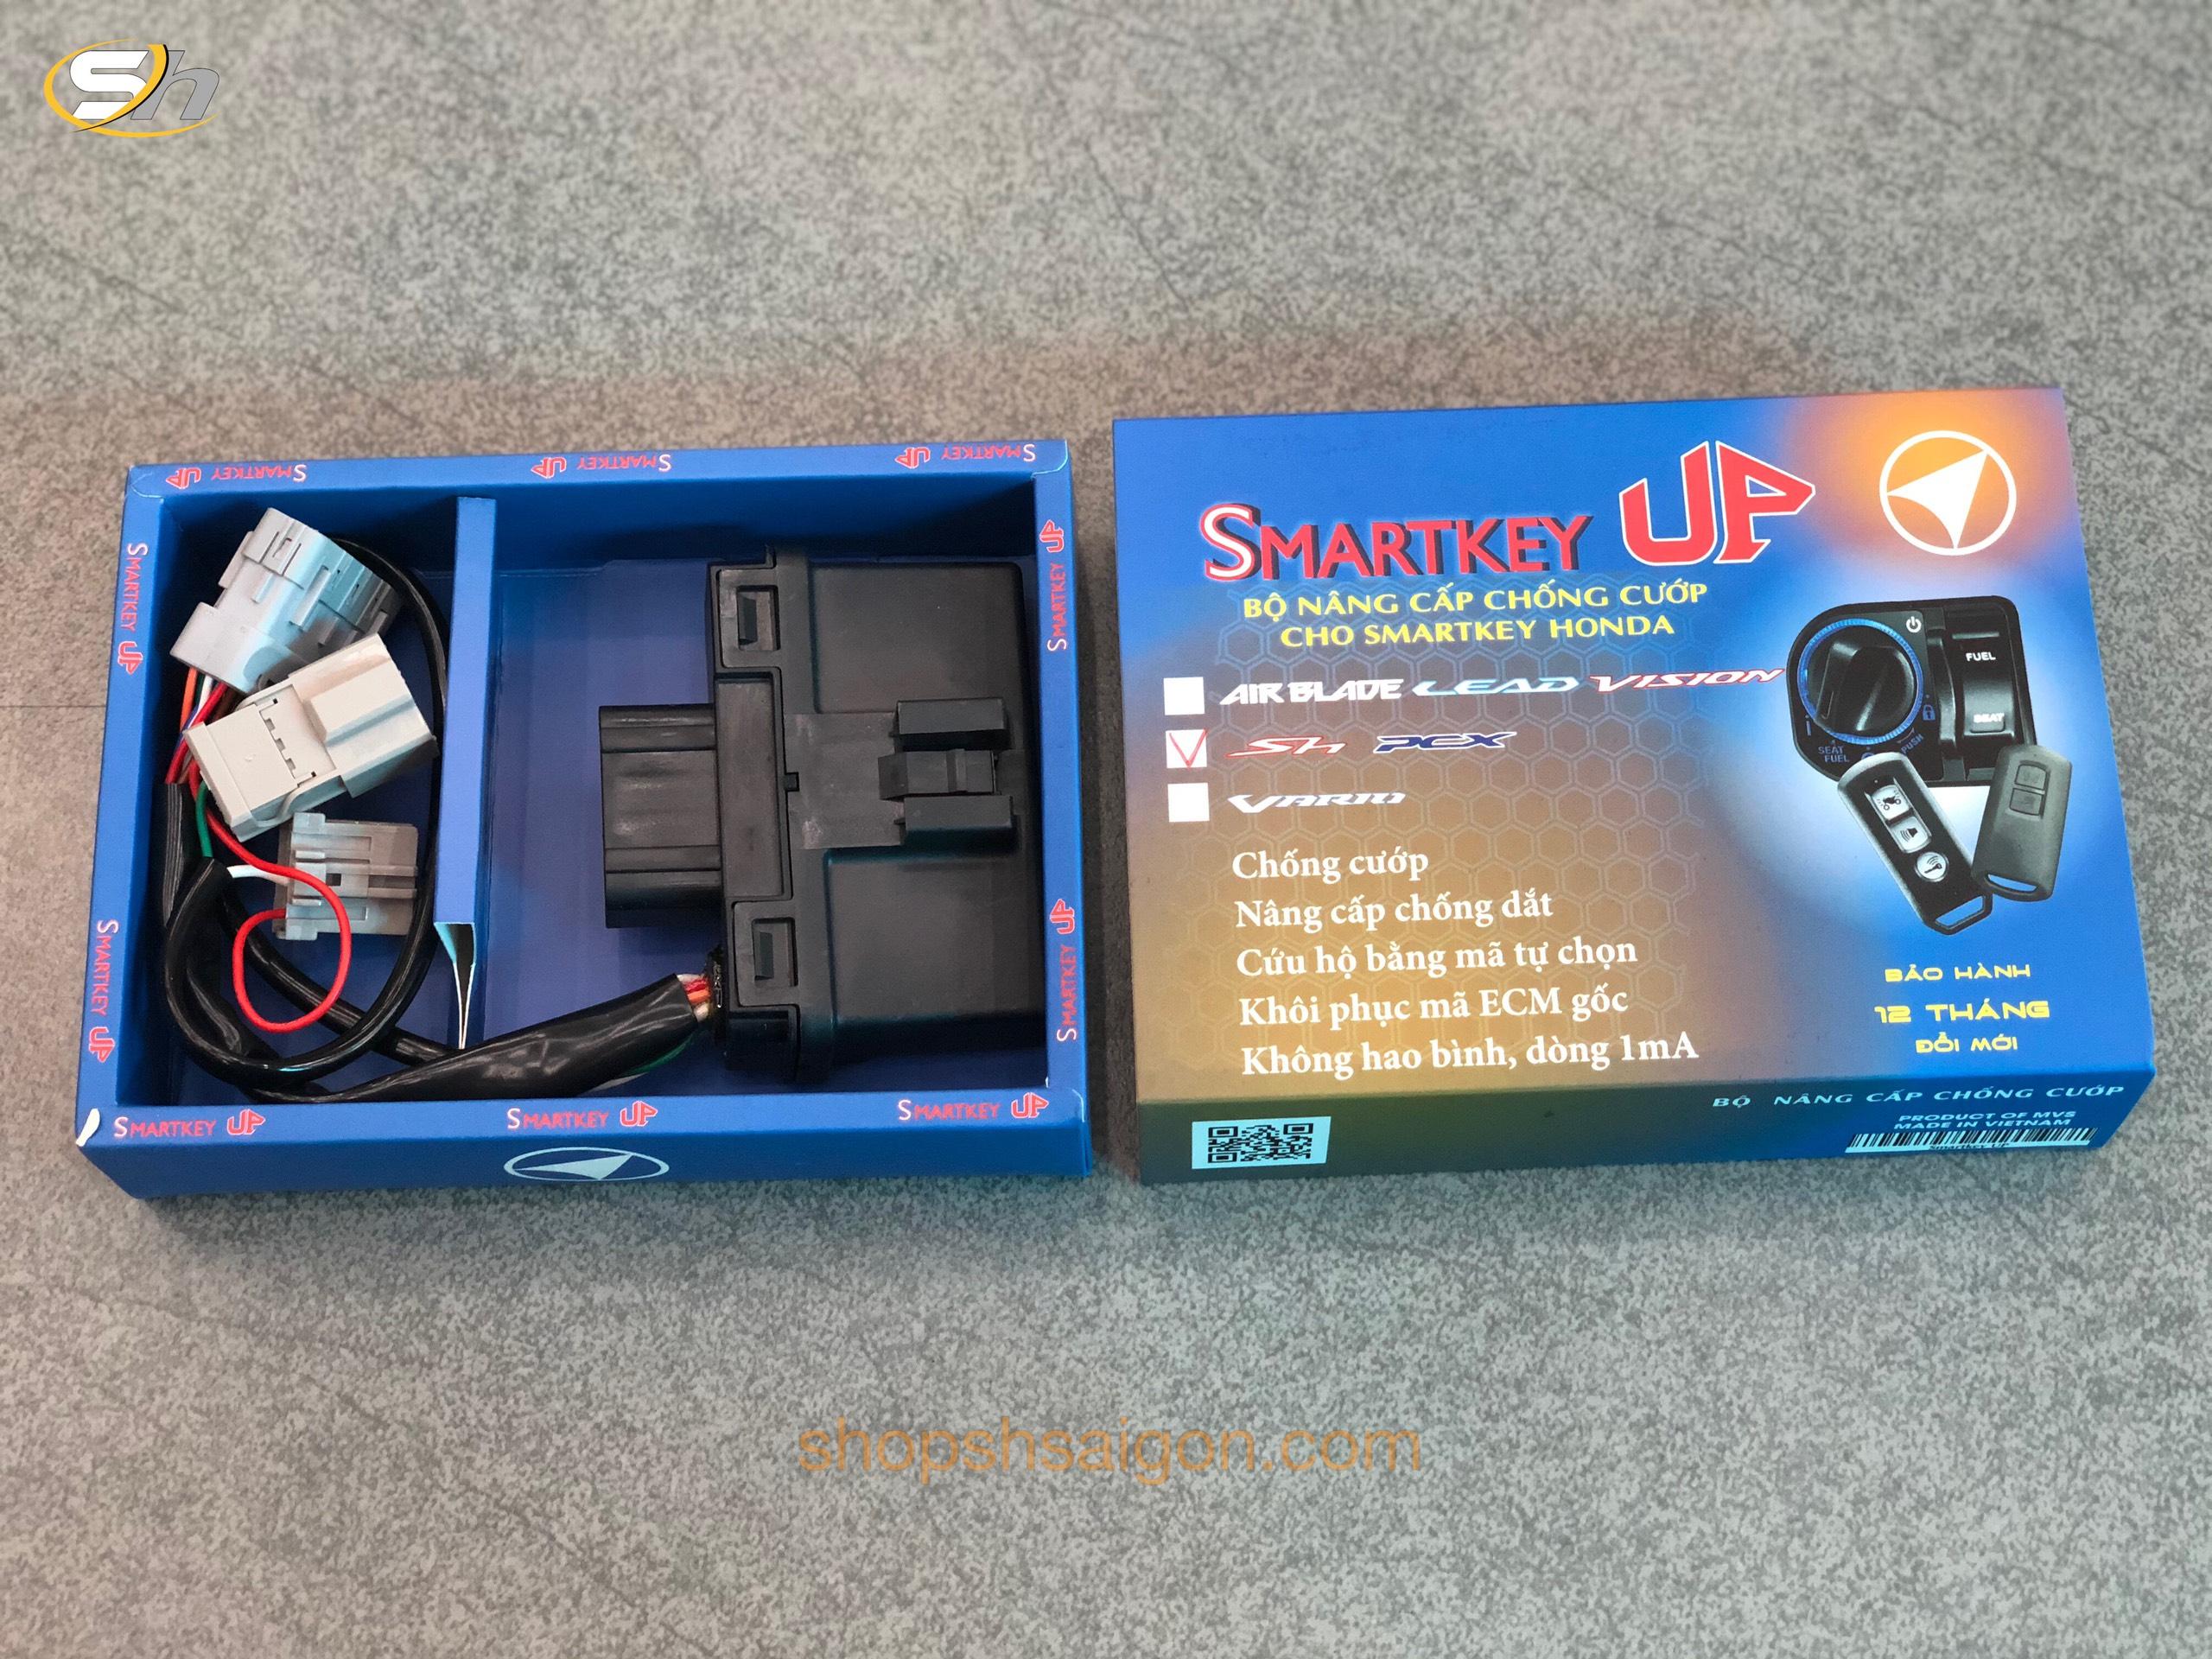 Bộ ECU Chống cướp - Quên tắt máy xe SMARTKEY UP 3